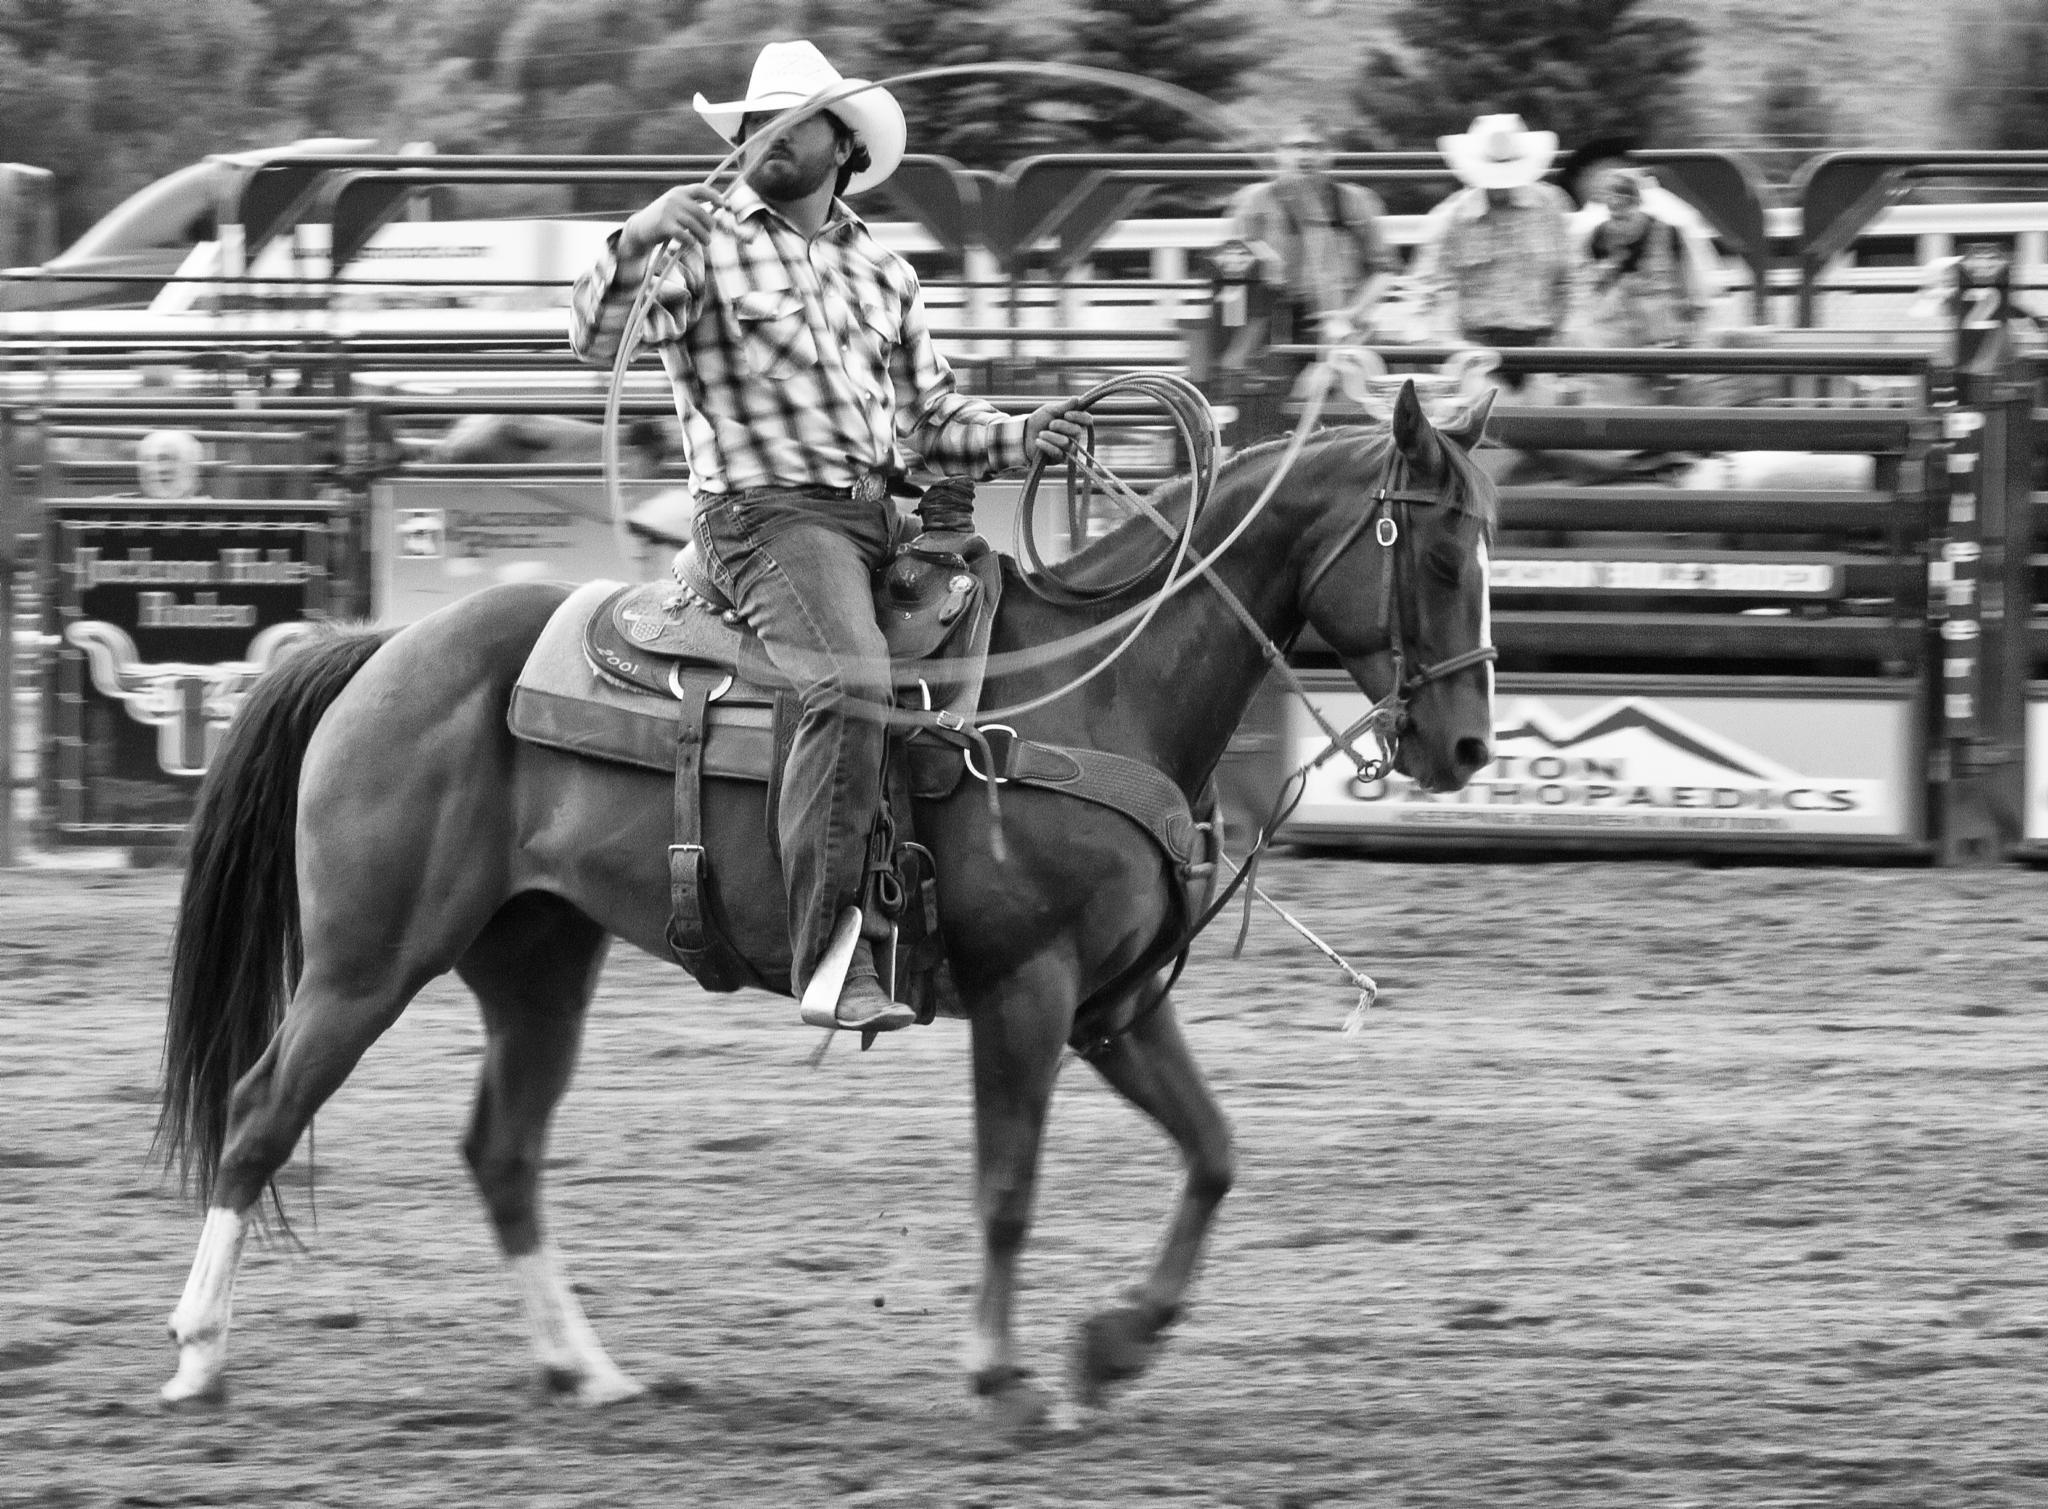 Wyoming Rodeo by Dana Scott